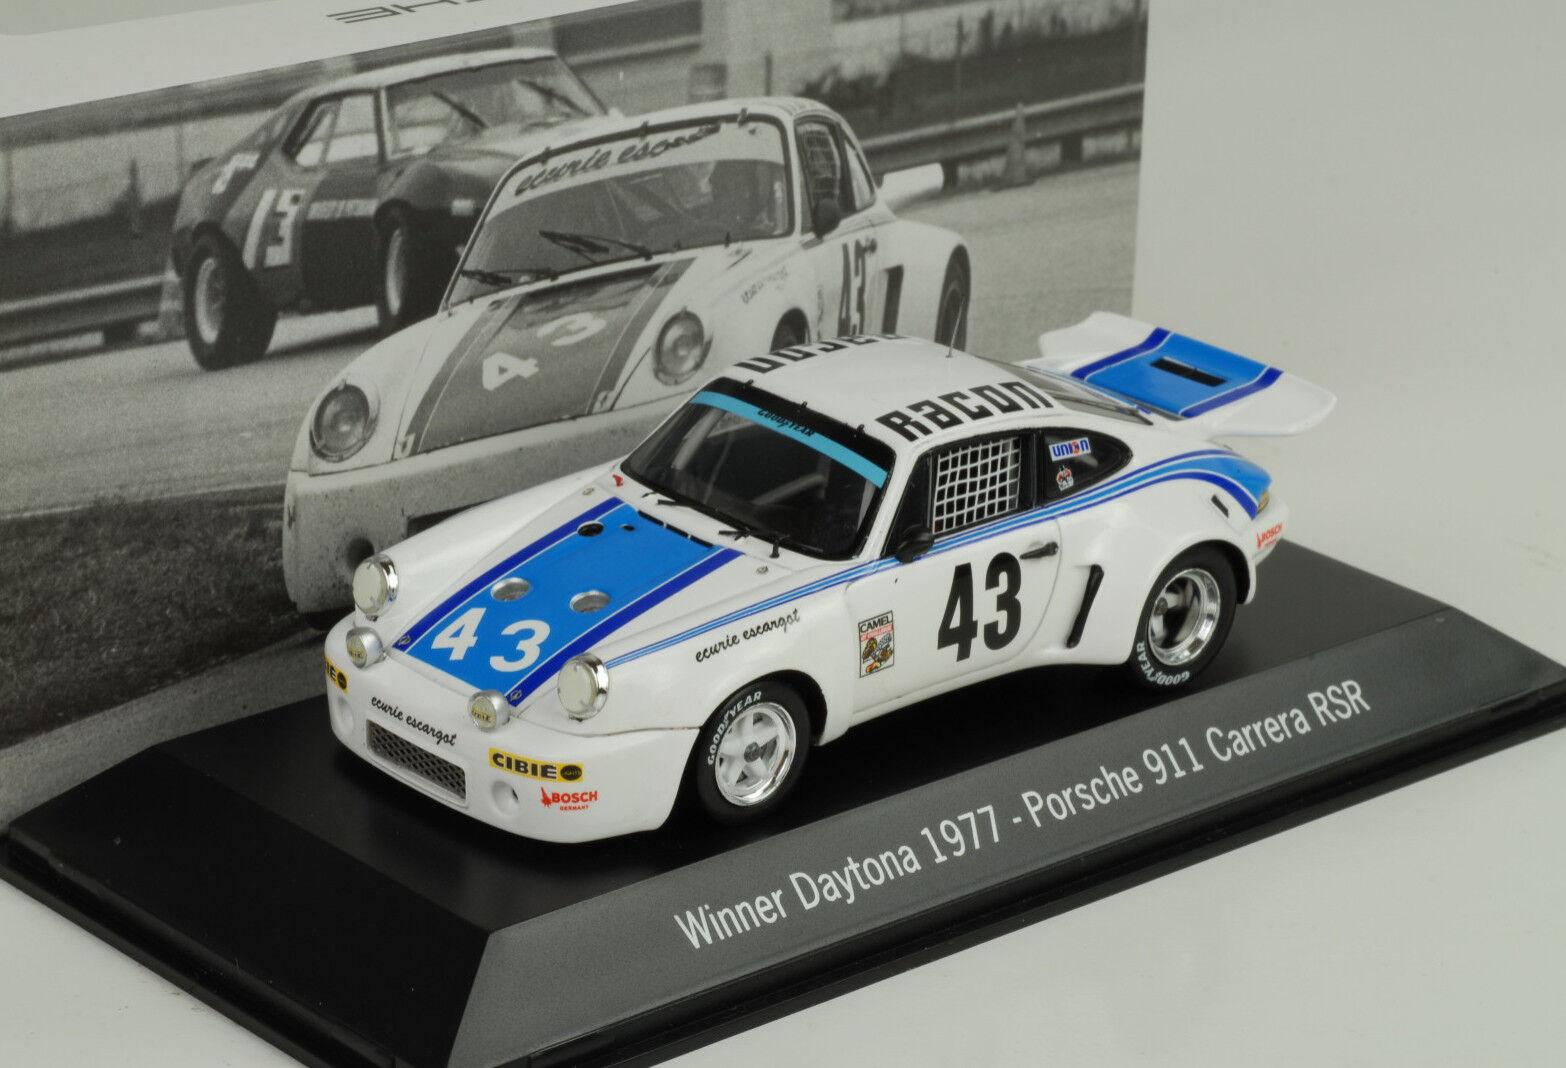 Porsche 911 Carrera Rsr Racon  43 Gagnant Daytona 1977 1 43 Map Musée Spark